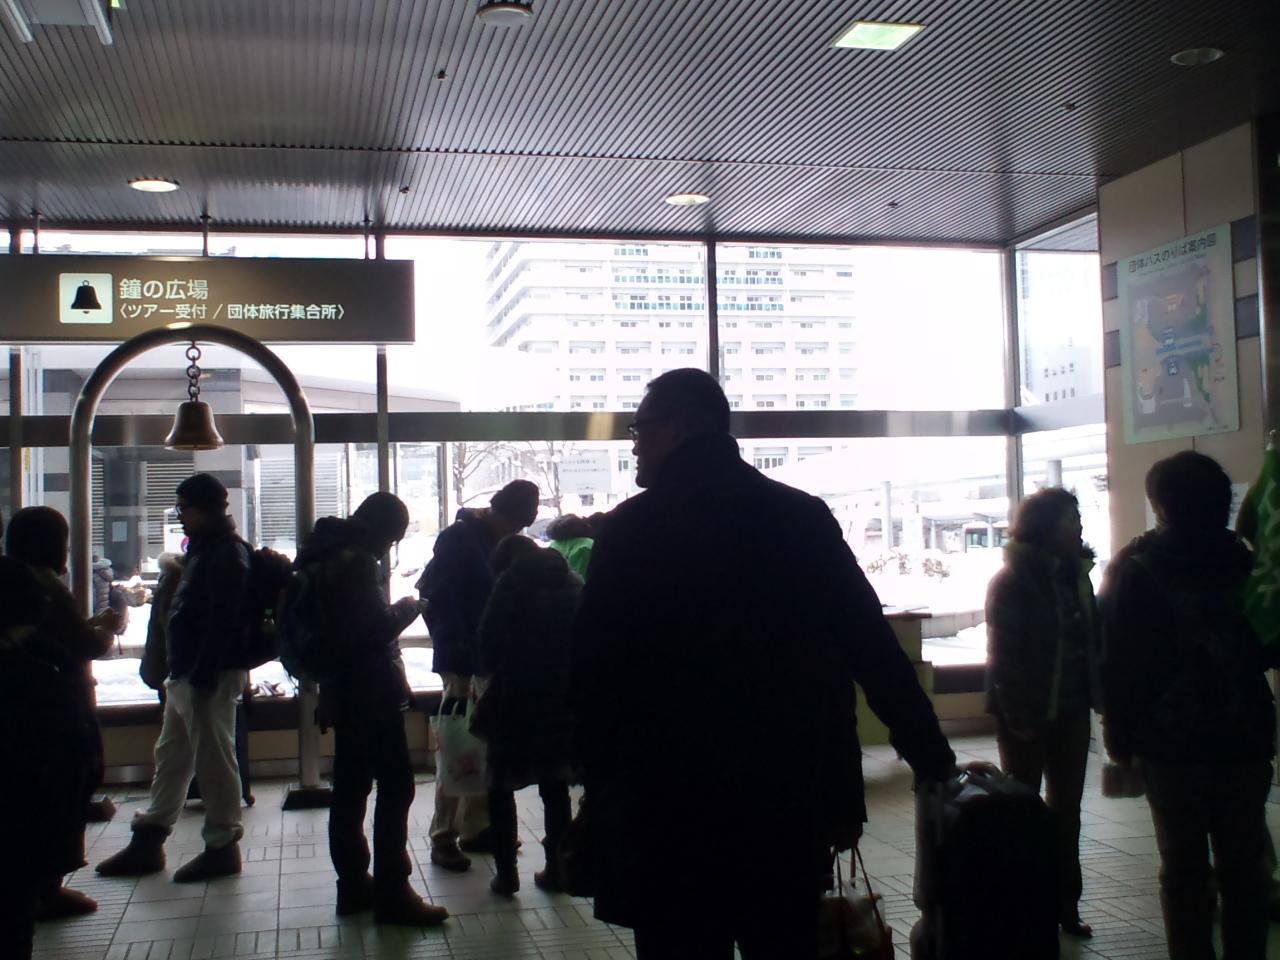 『お迎えバス《タロ号》で行くラクラク♪日本のてっぺん1泊2日 ...